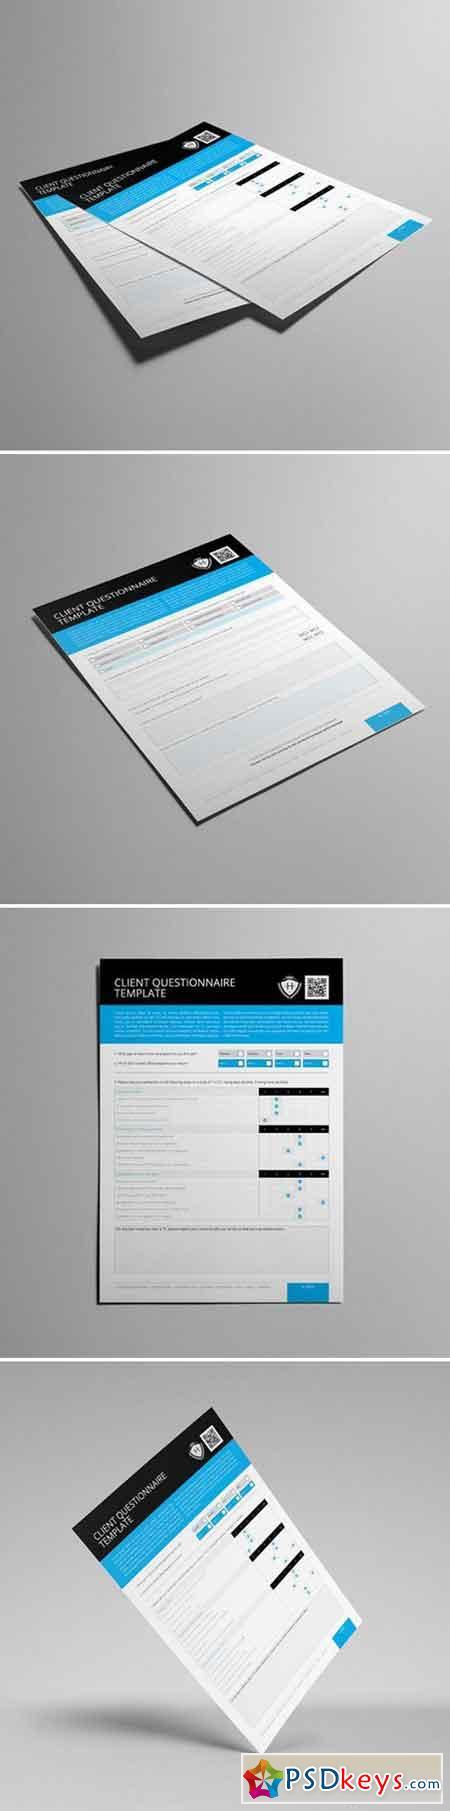 Client Questionnaire Template 000131